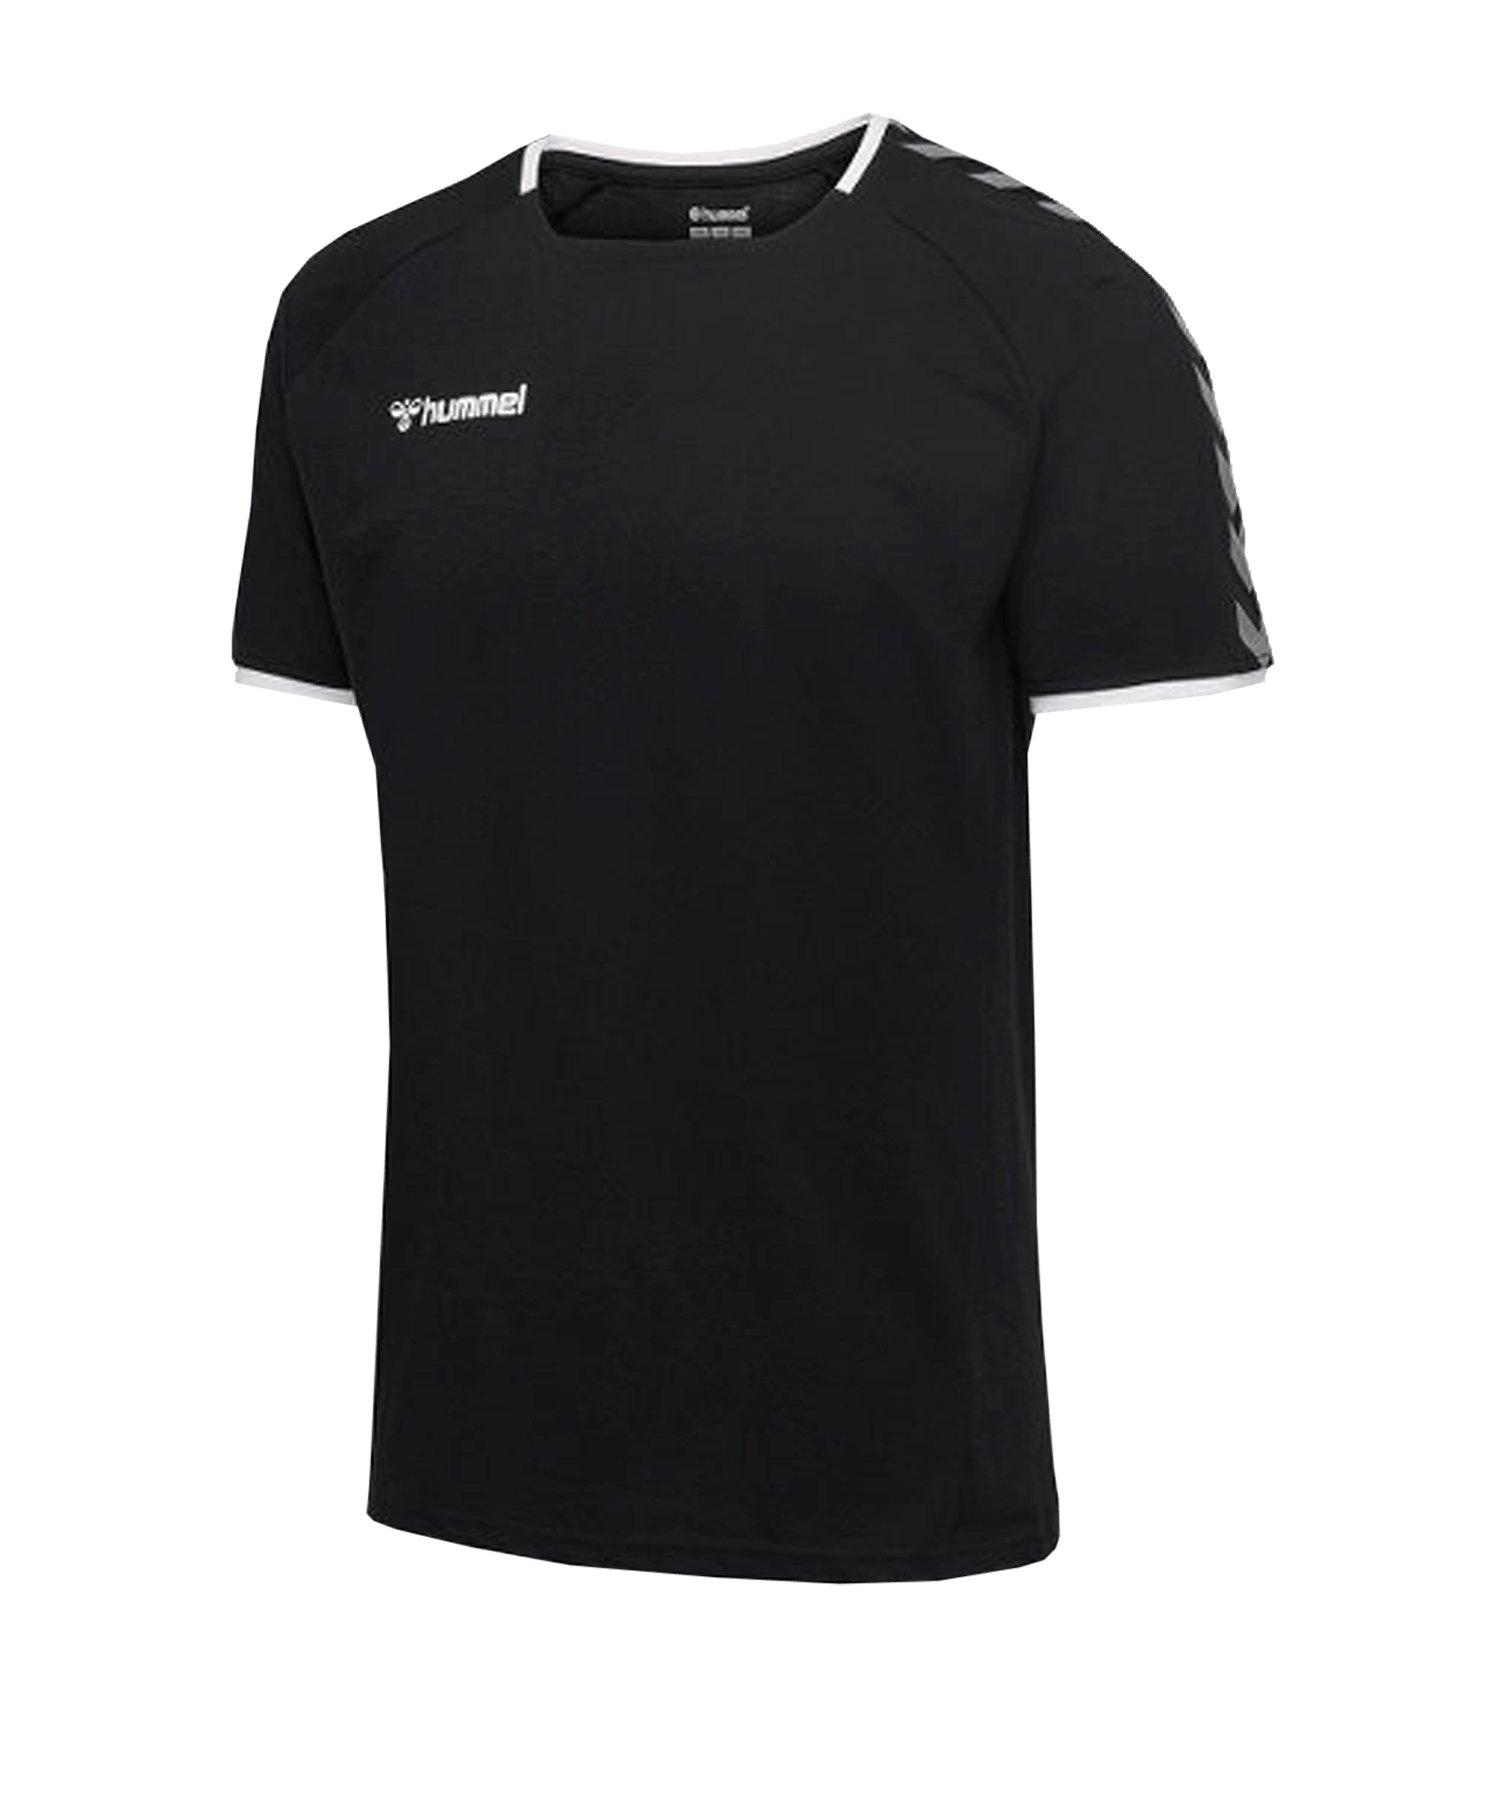 Hummel Authentic Trainingsshirt Kids Schwarz F2114 - schwarz